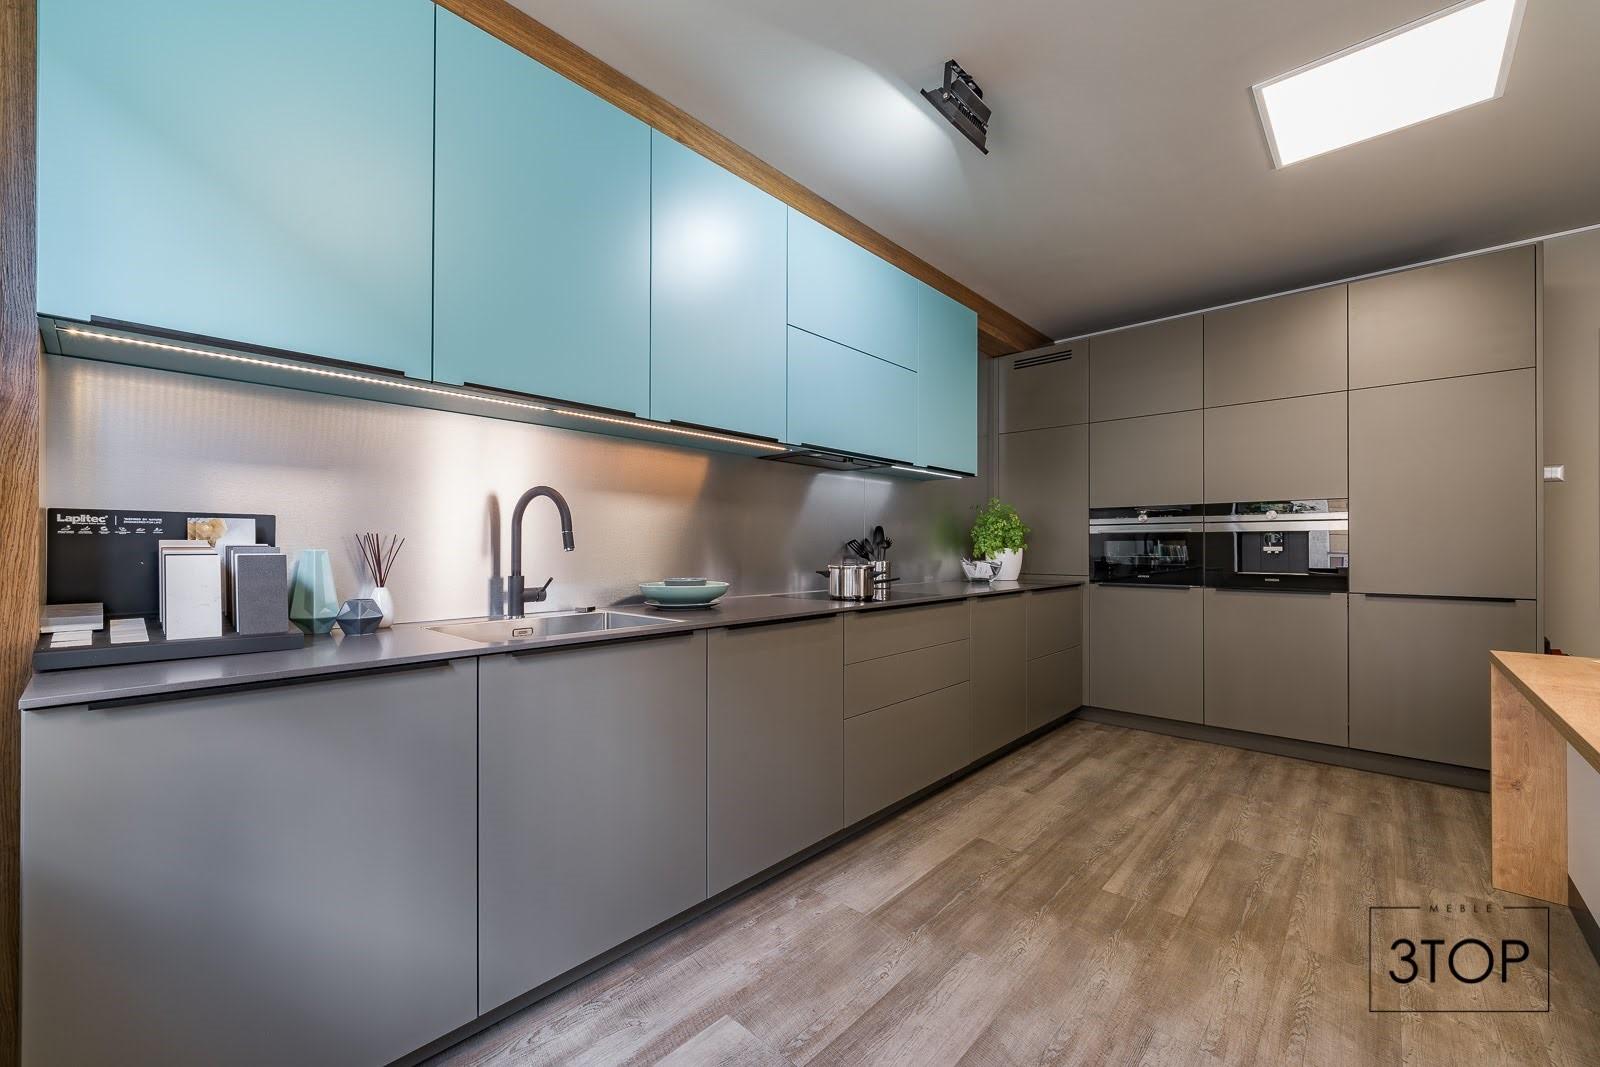 Meble kuchenne - kuchnie na wymiar na zamówienie - producent Lublin